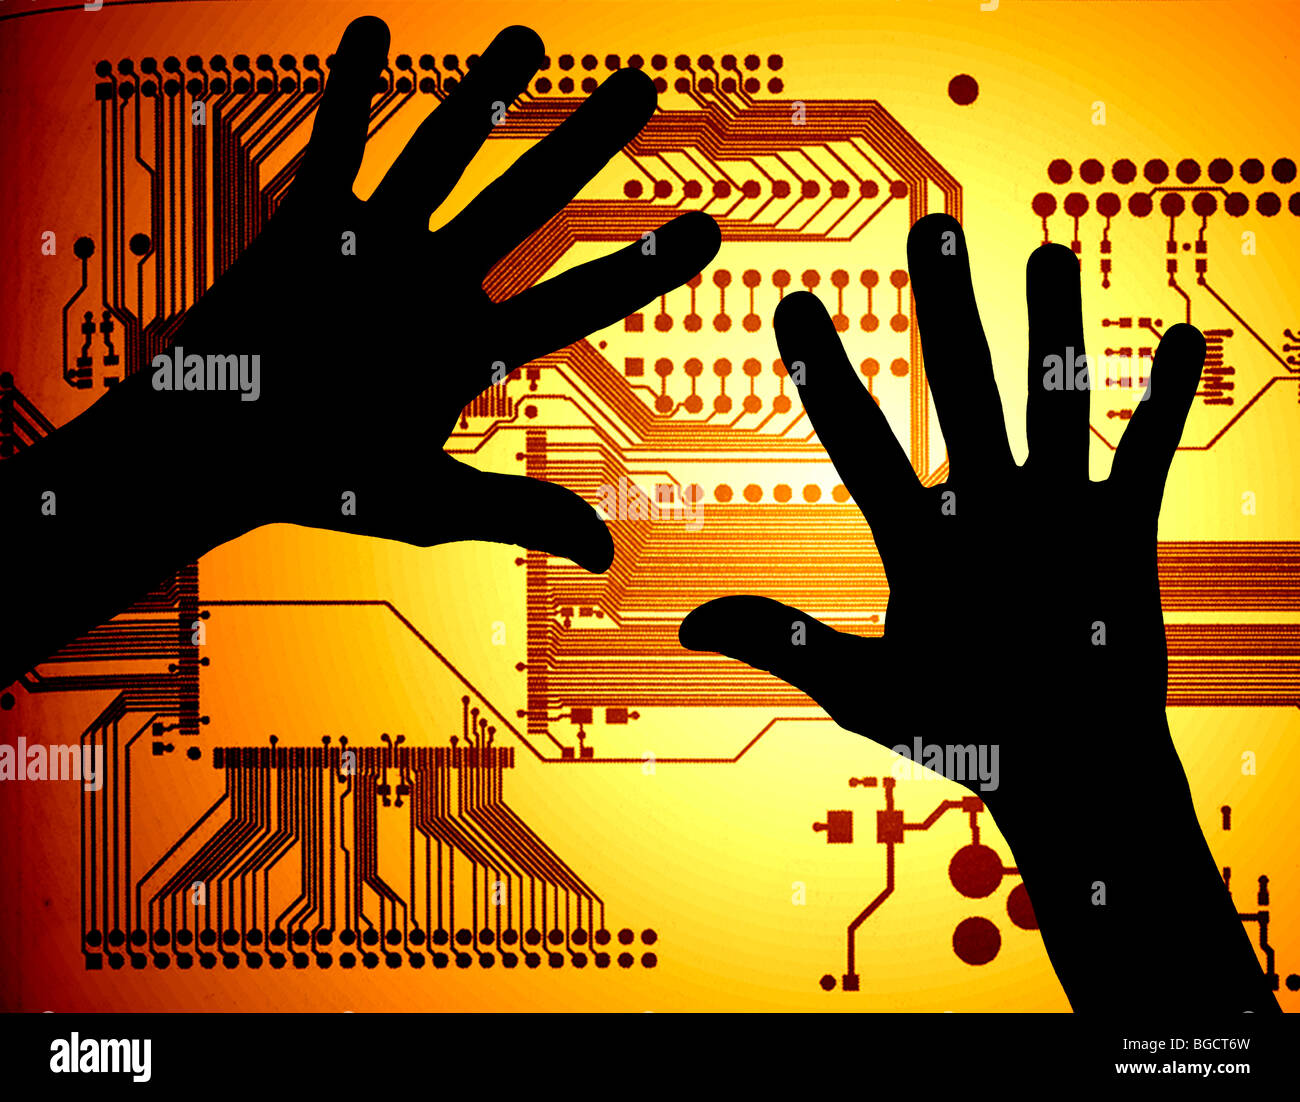 Manos silueteado sobre placa de circuito de alta tecnología ilustración Imagen De Stock